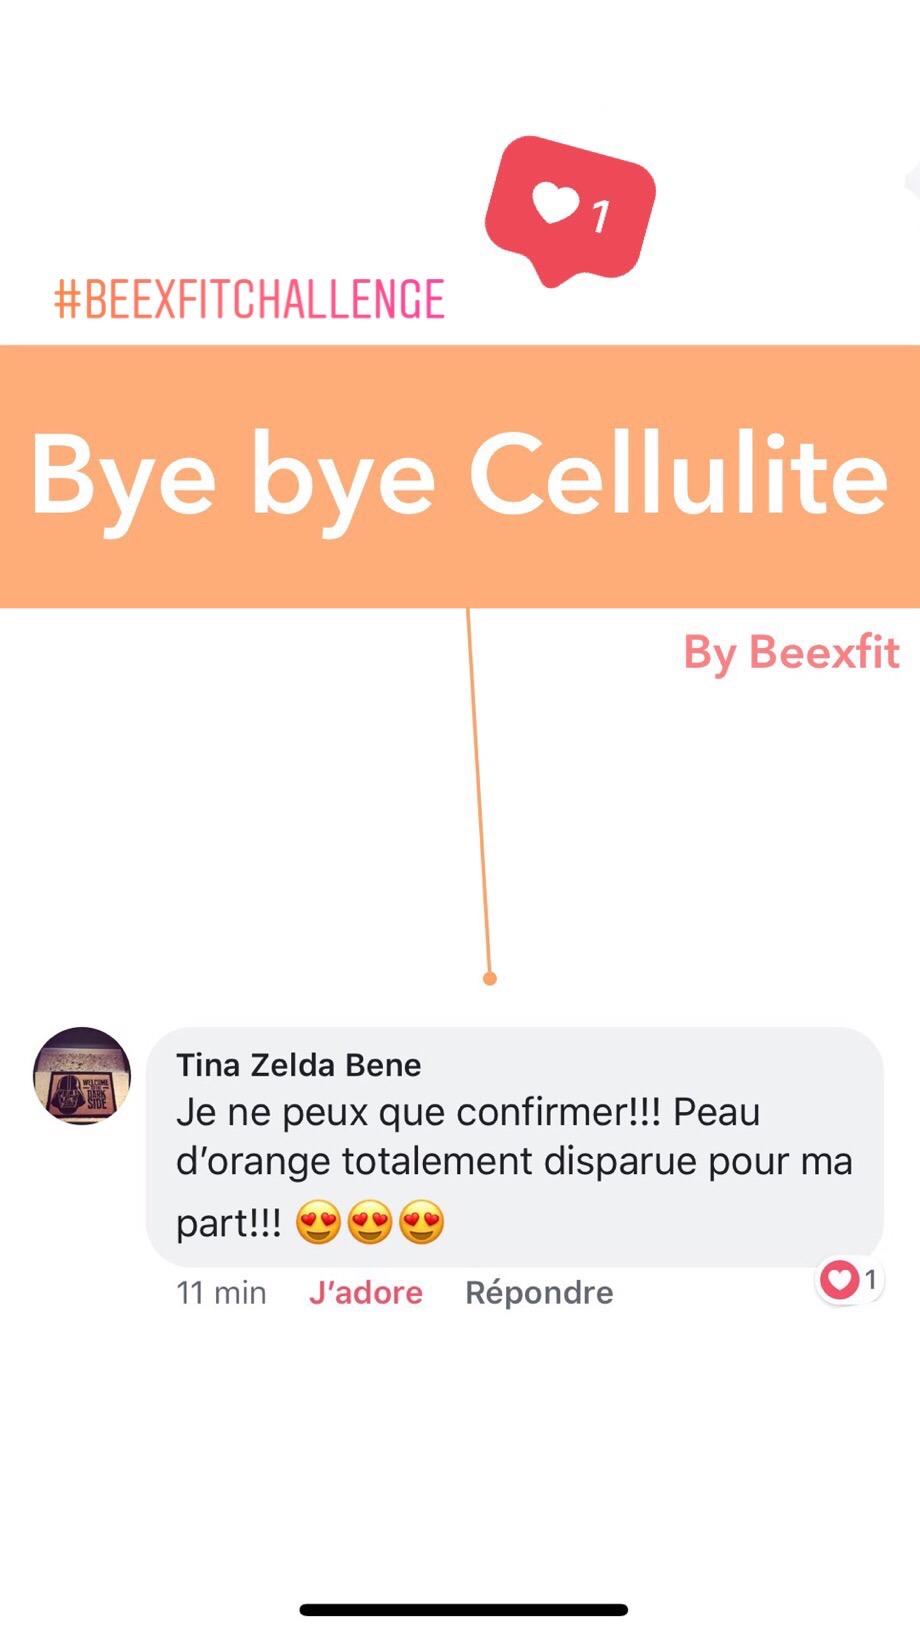 perte-cellulite-2